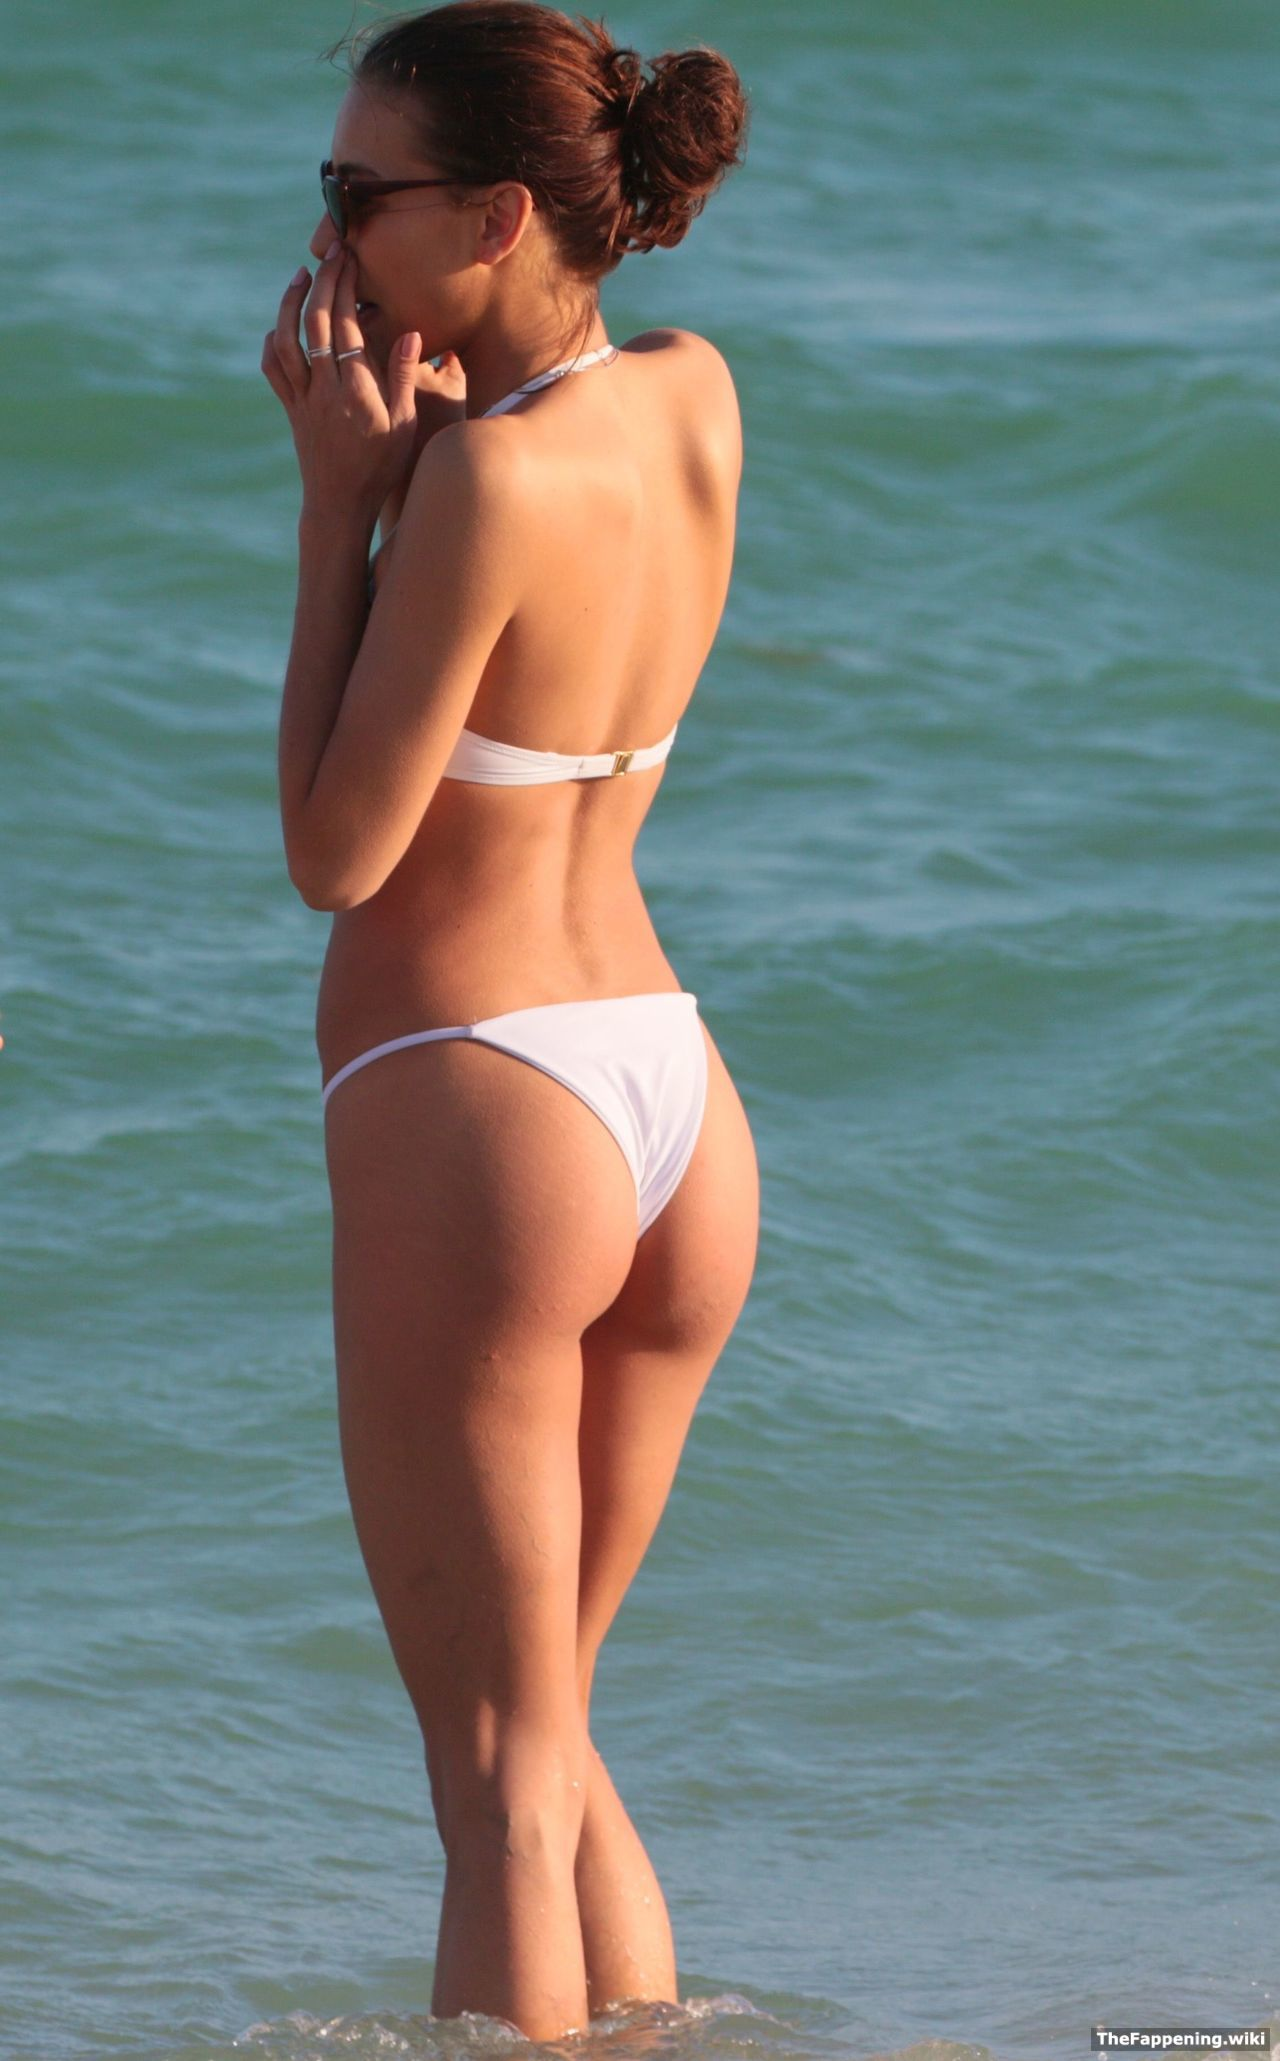 Tatyana Milovidova Nude Photos and Videos,Claudia romani bikini 5 Porno pics Meggan mallone,Claudia Schiffer UHQ June 2010 Ellen von Unwerth Shoot